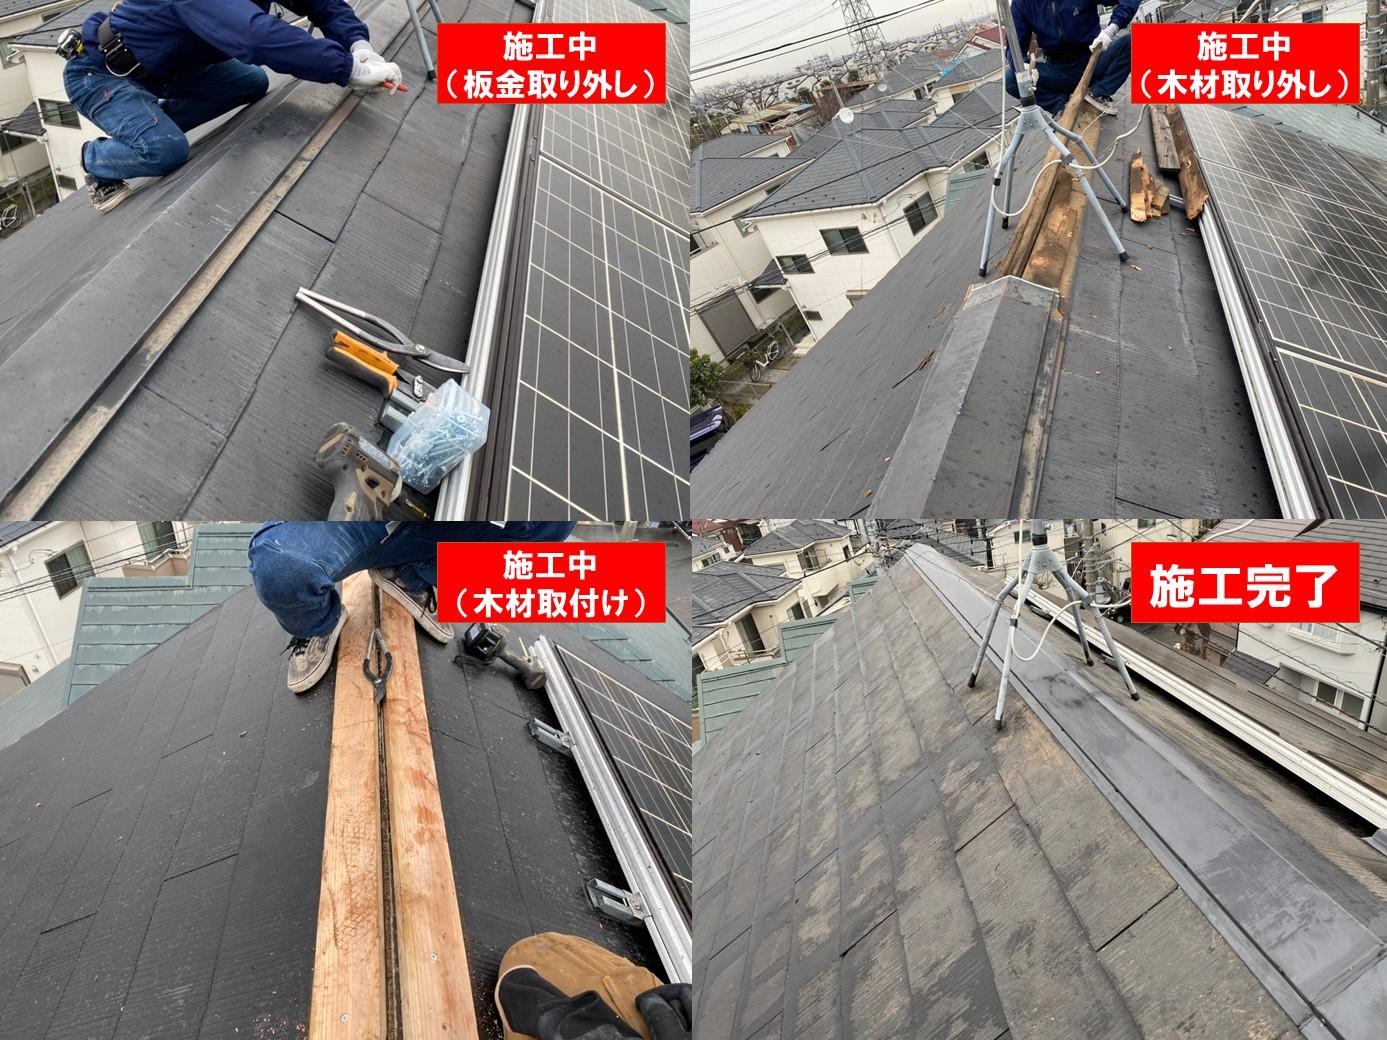 【施工完了報告!】雨漏り発生!埼玉県比企郡にて棟板金交換工事を実施!